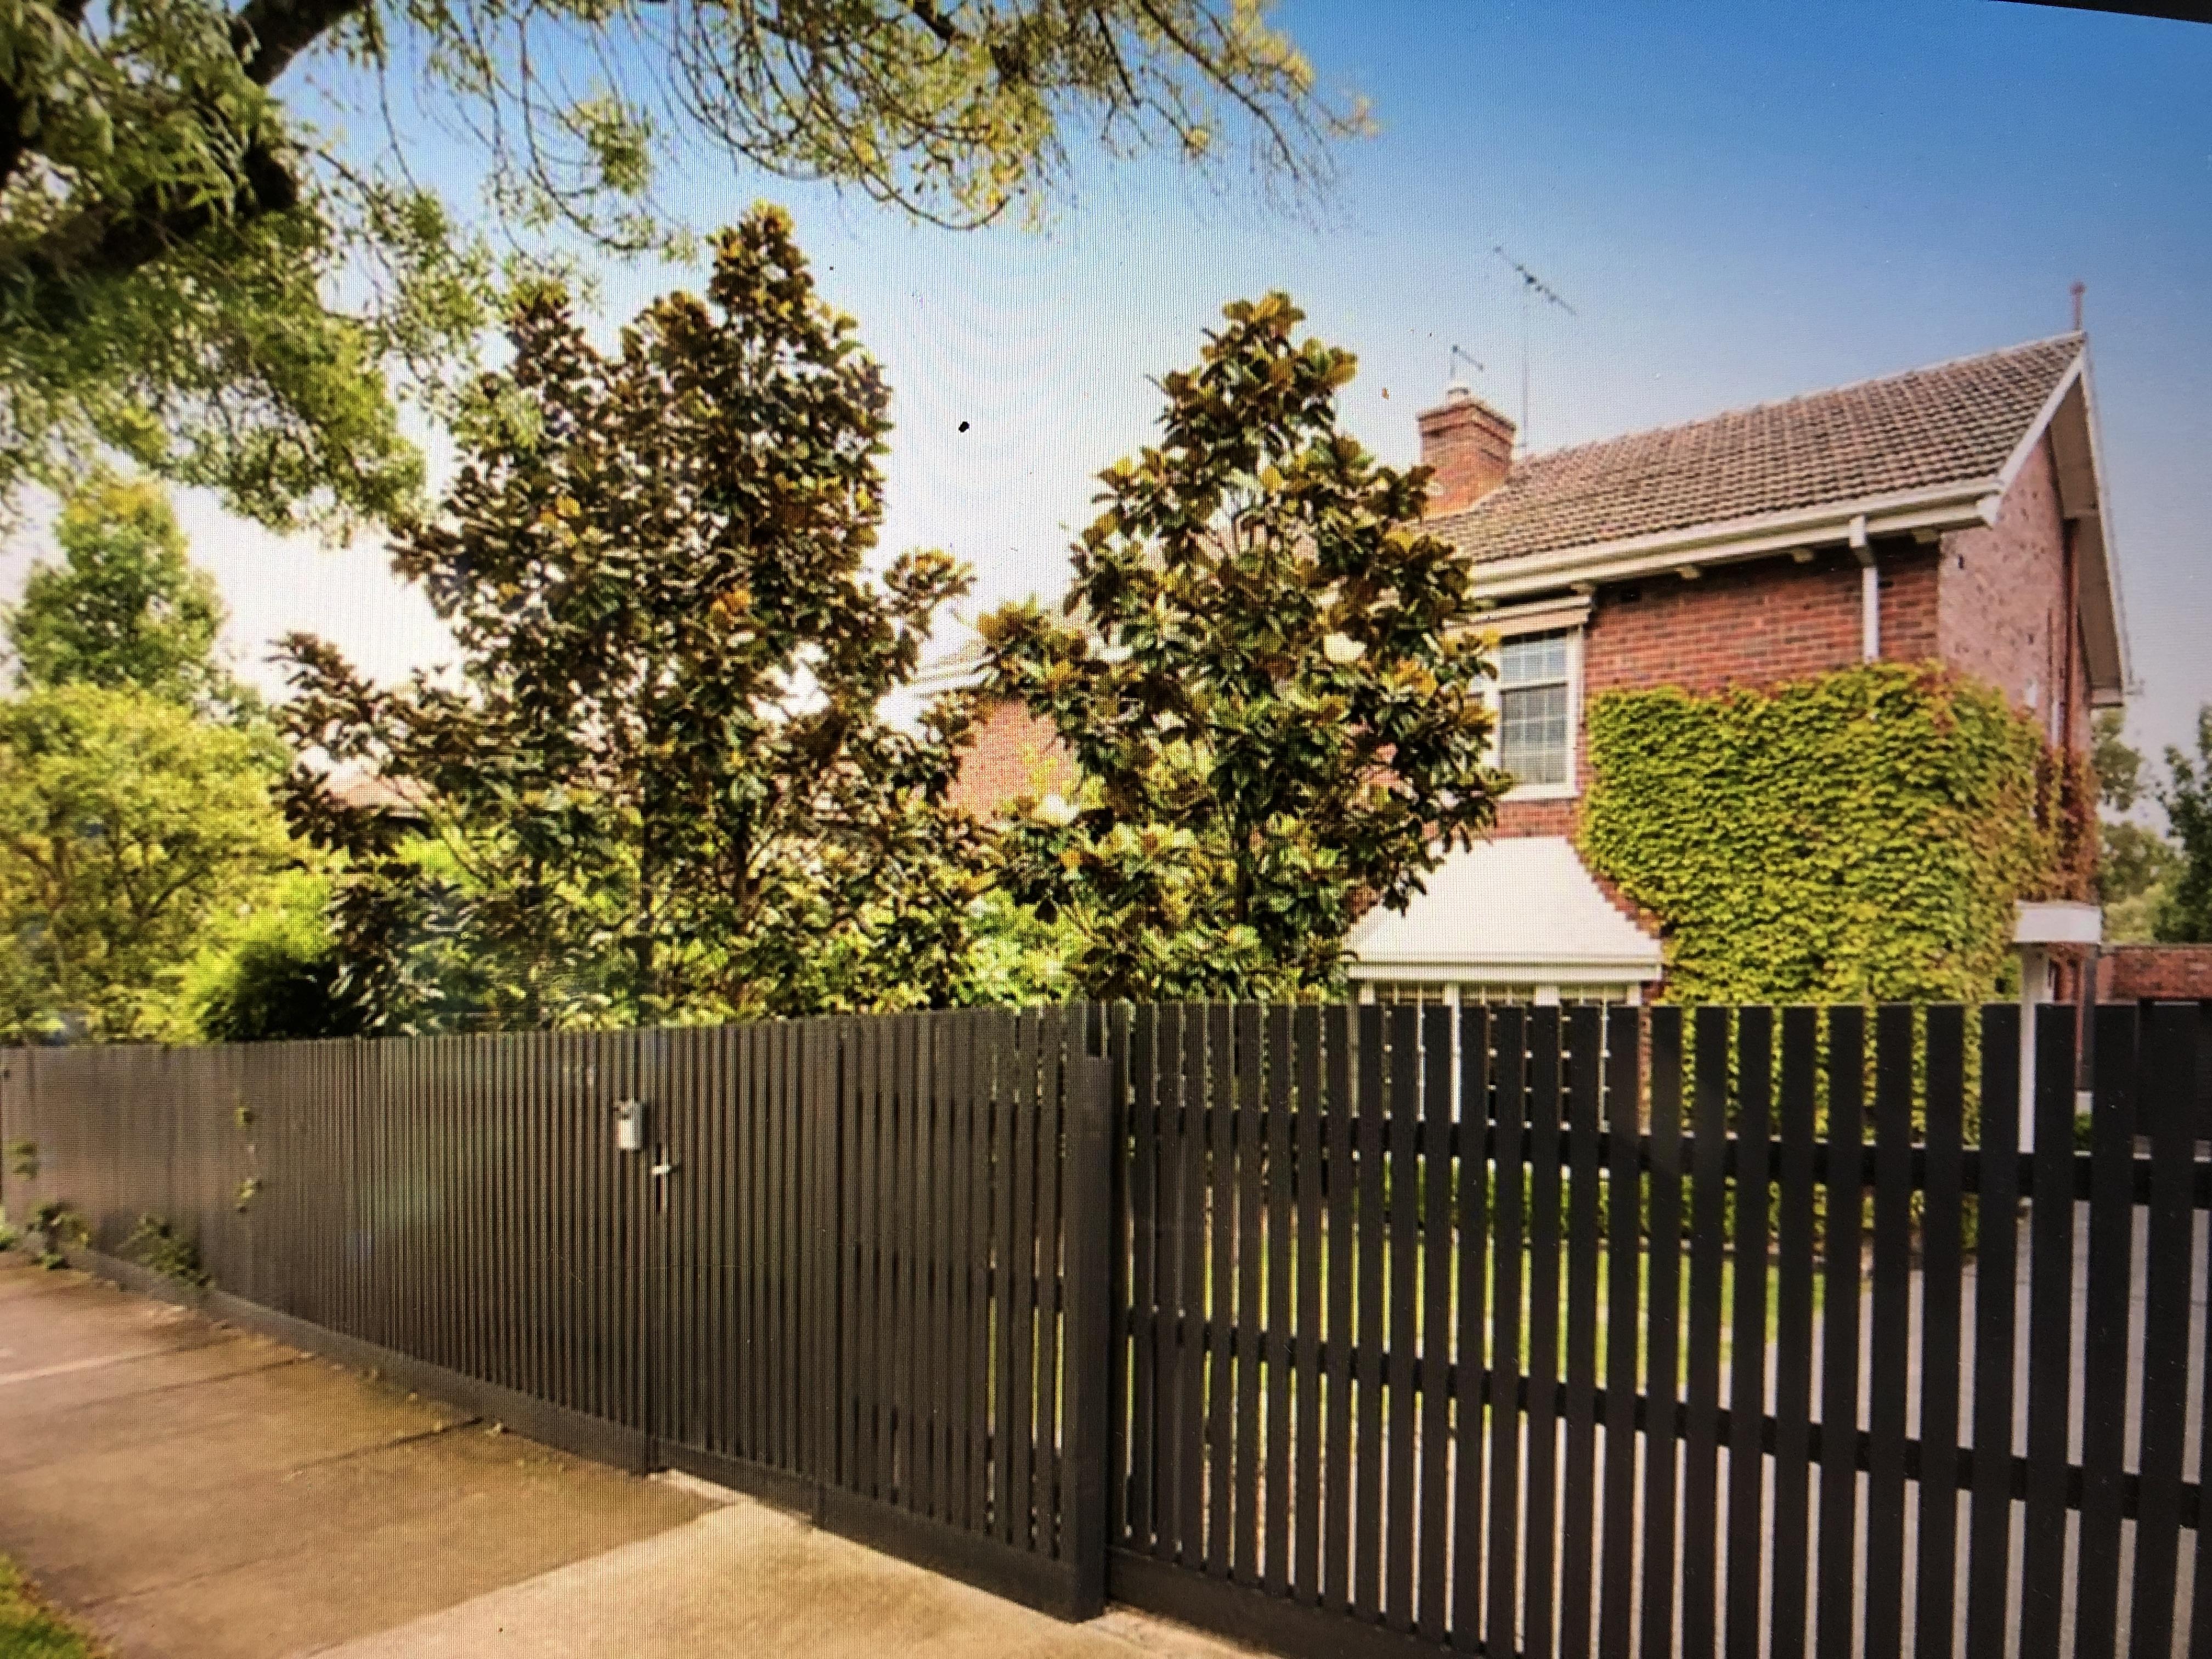 Ferienhaus  (2782212), Burwood, , Victoria, Australien, Bild 1